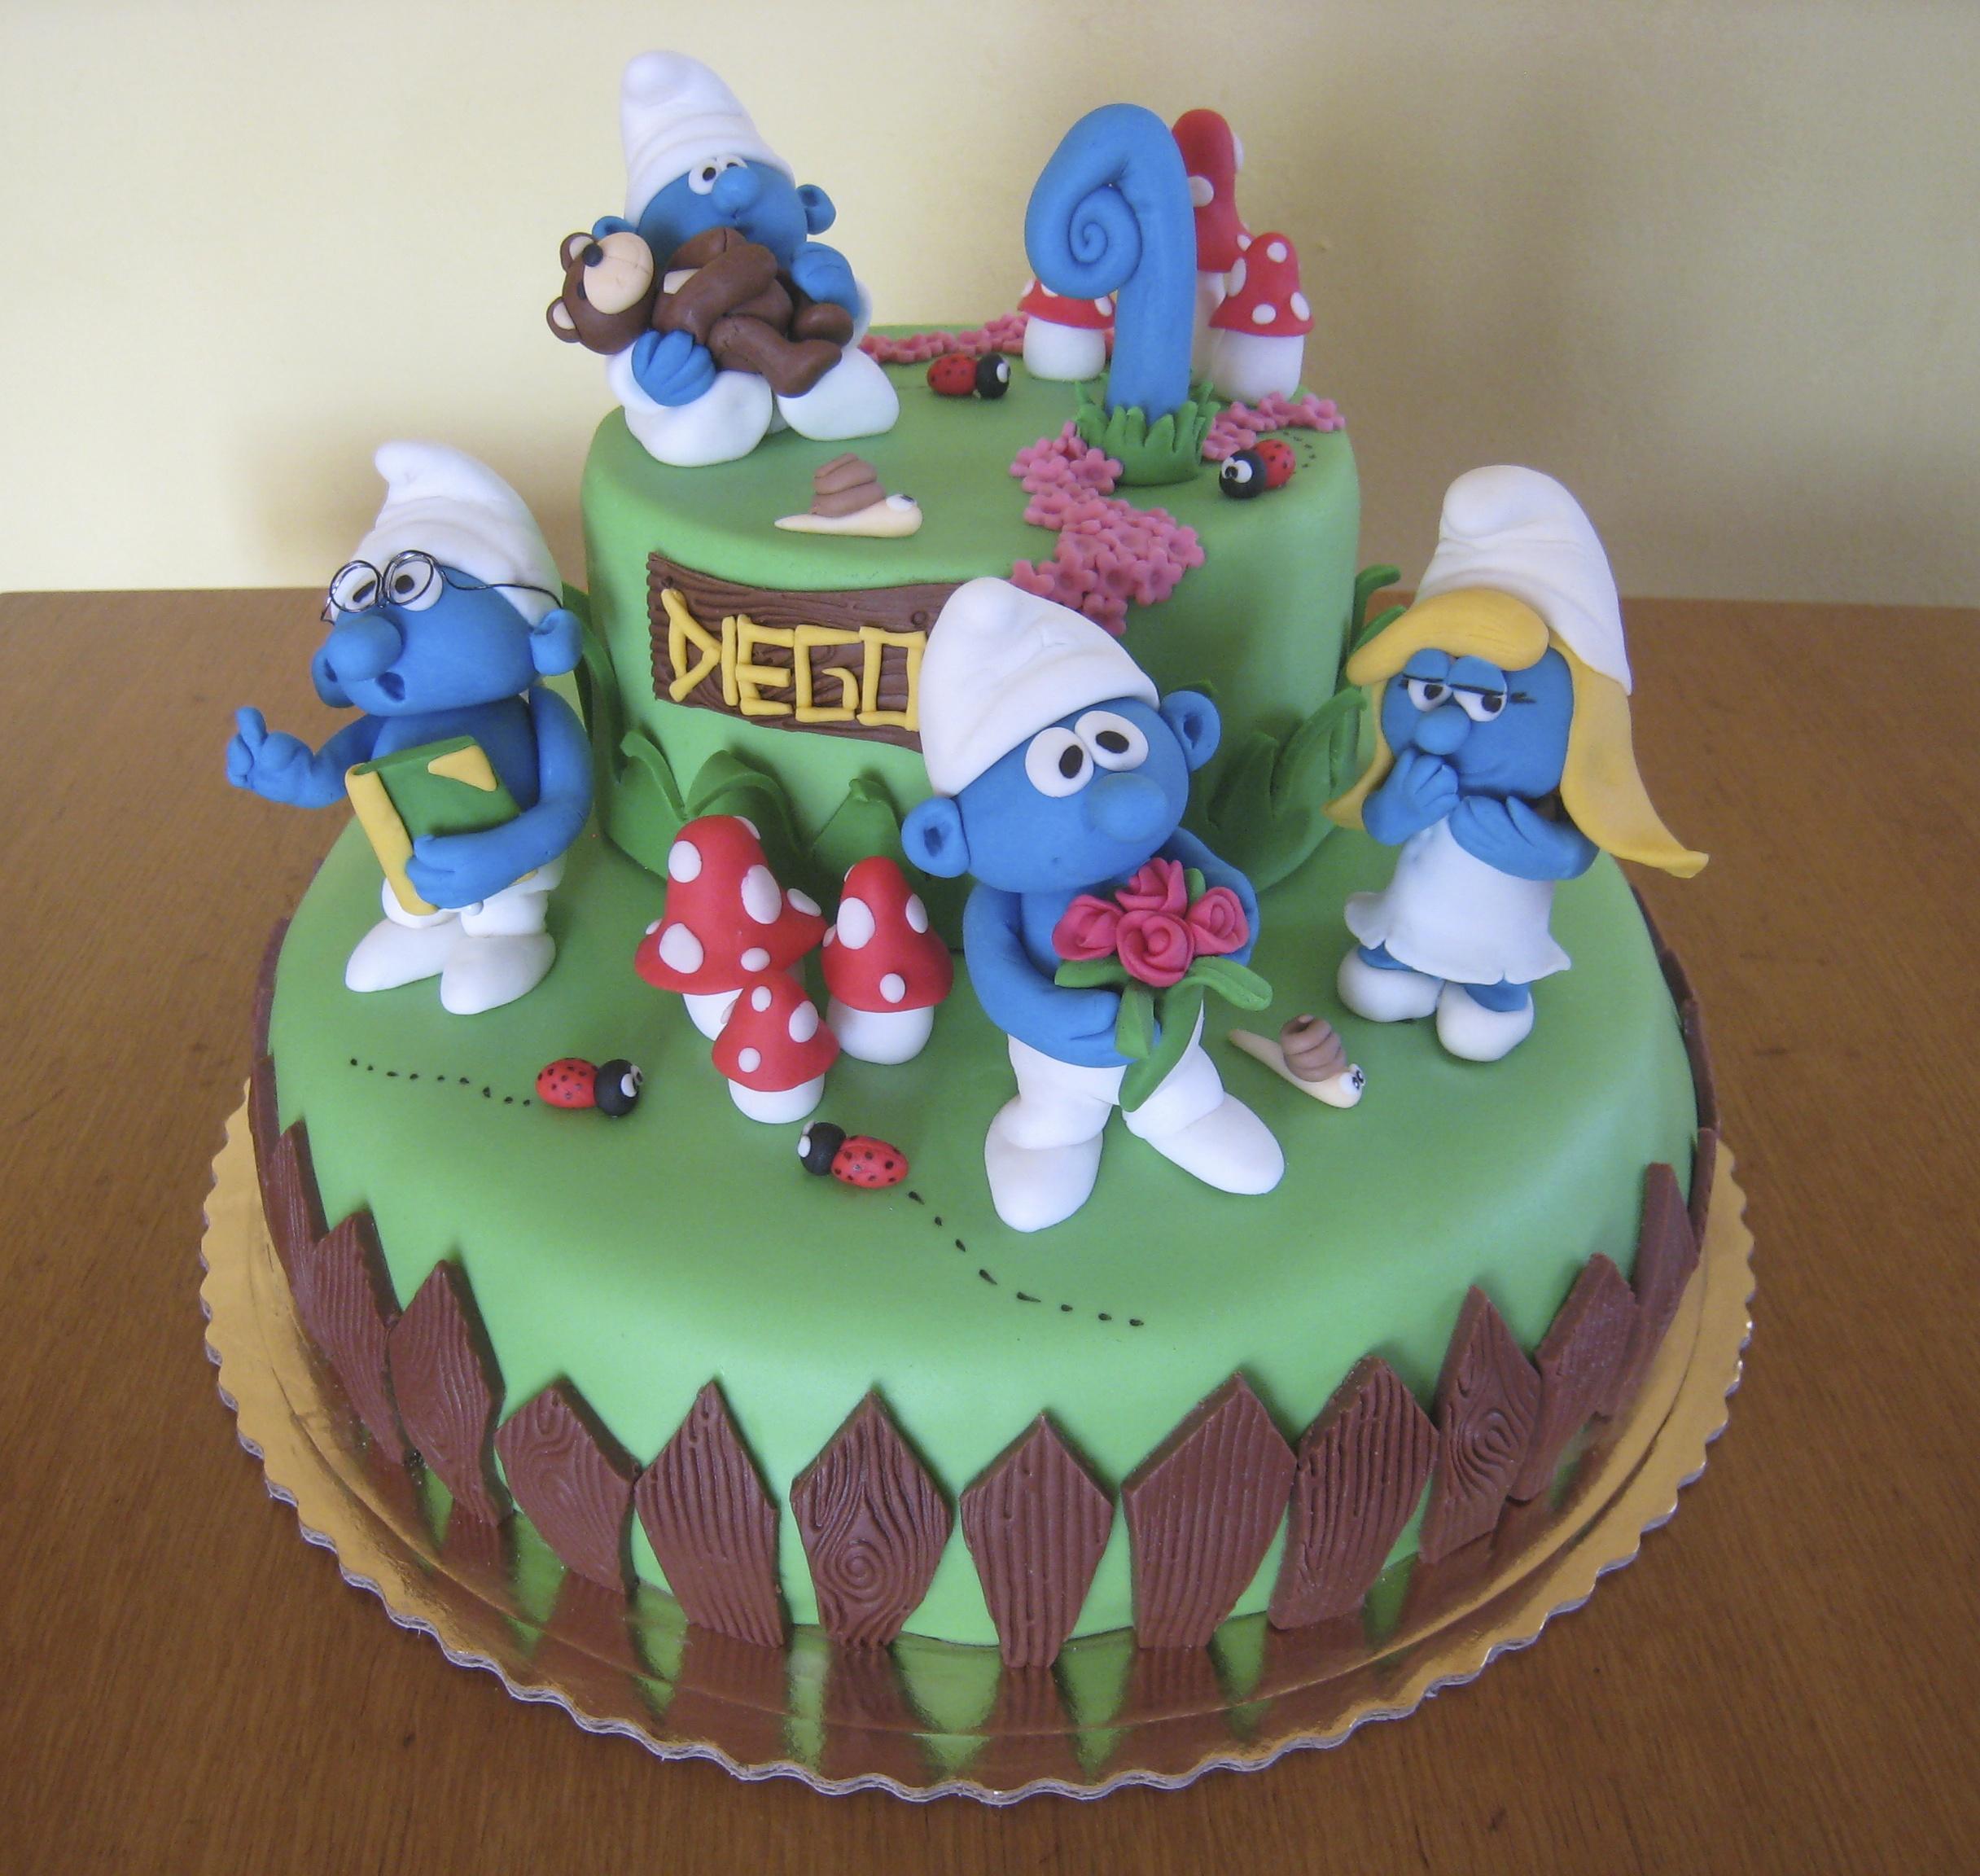 Cake design, aiutiamo una brattiroese a vincere il contest ...